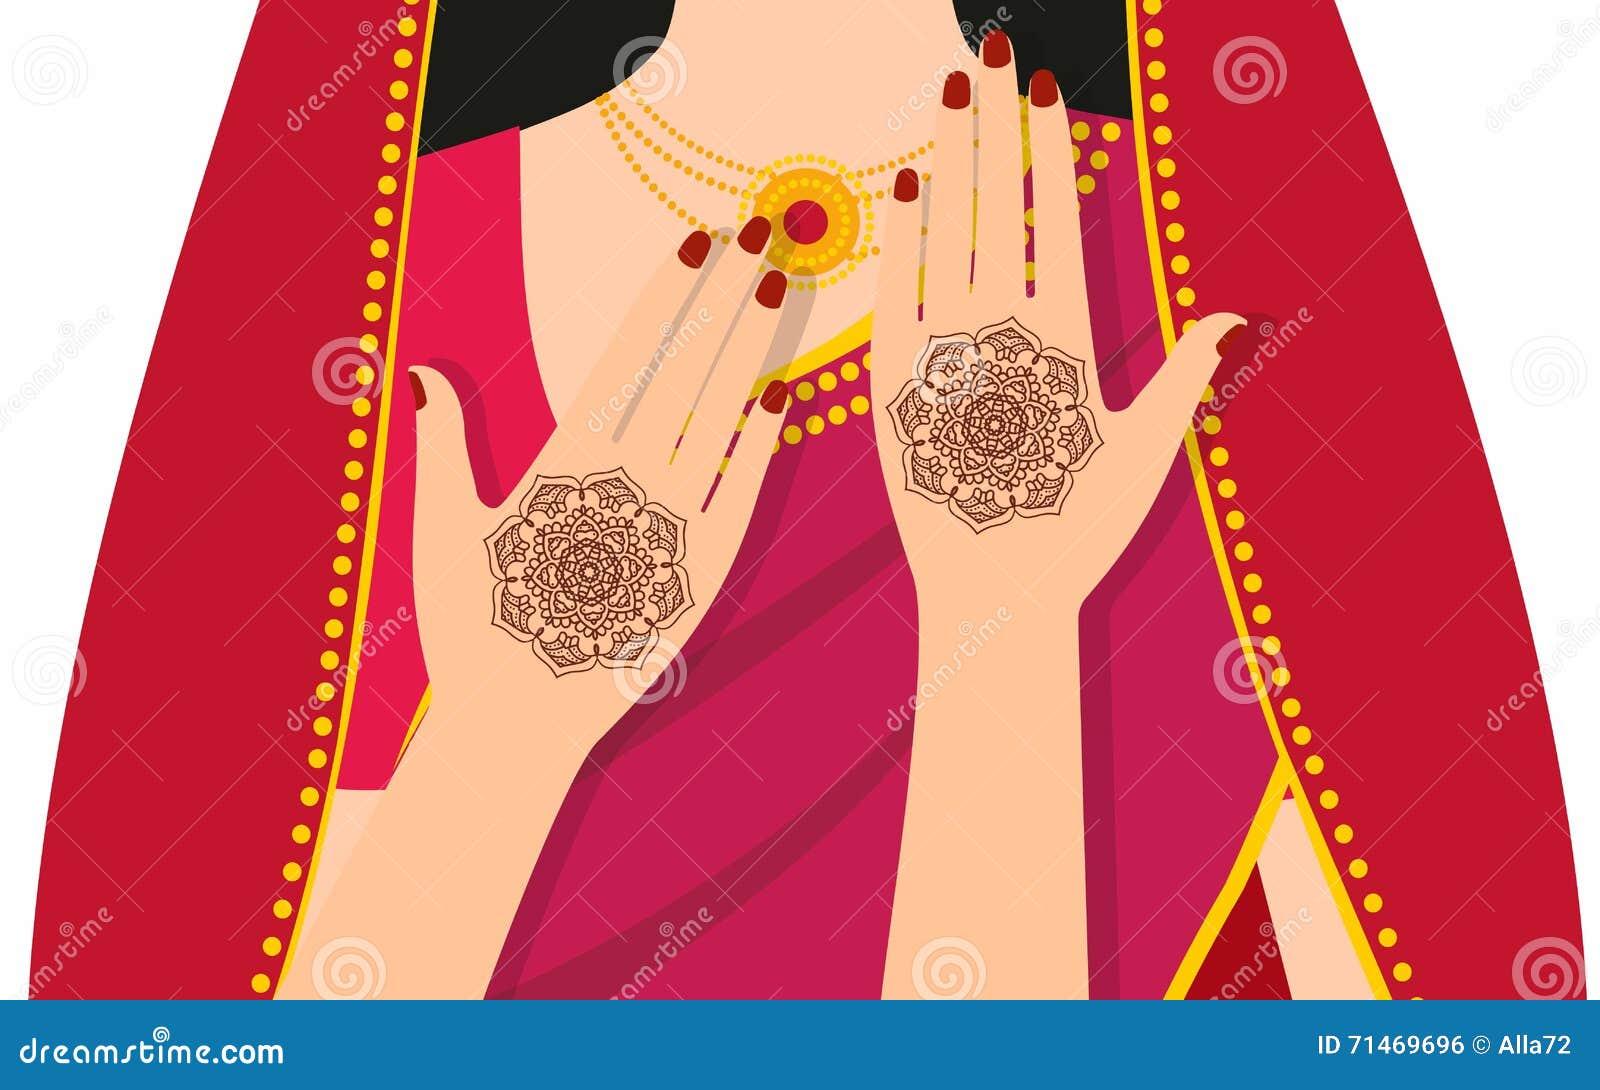 Elementyoga mudra Hände mit mehndi Mustern Vector Illustration für ein Yogastudio, Tätowierung, Badekurorte, Postkarten, Andenken